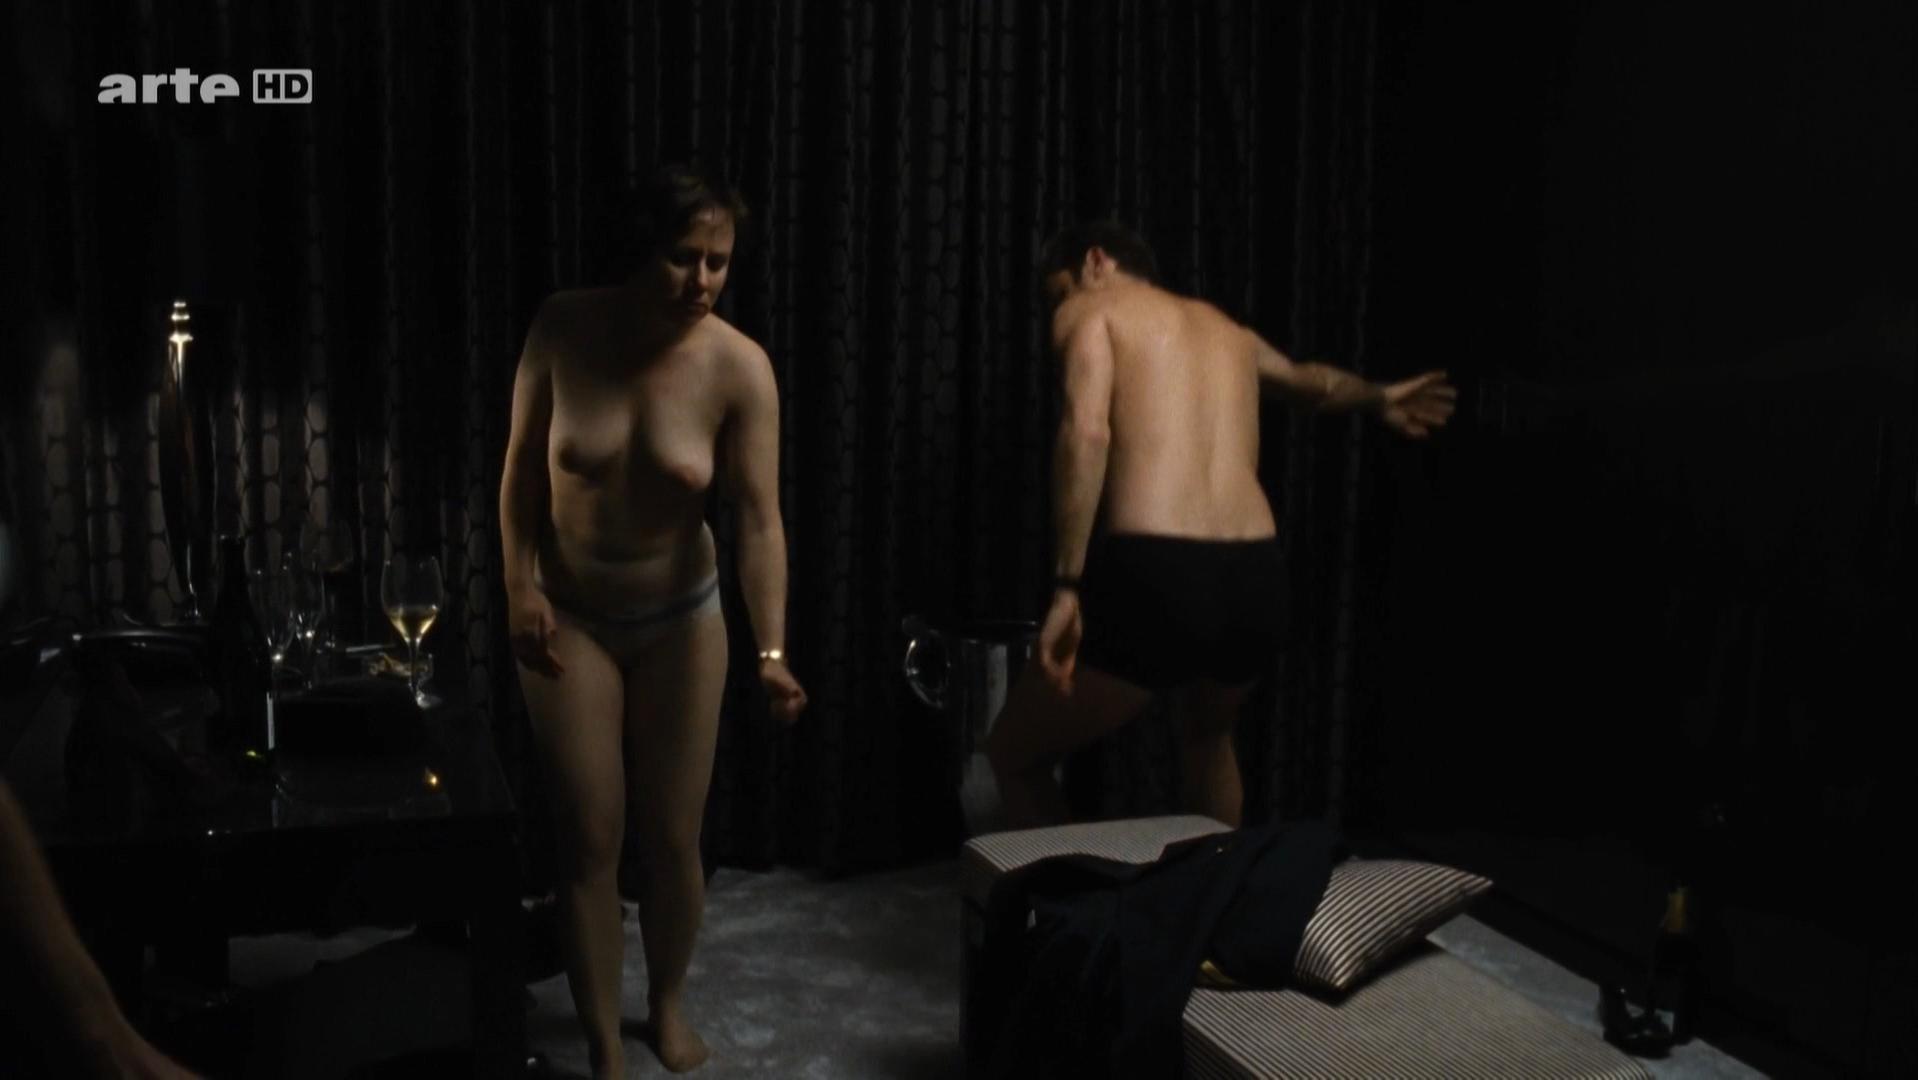 Nude Video Celebs Julia Hummer Nude Eva Lobau Nude Jasna Fritzi